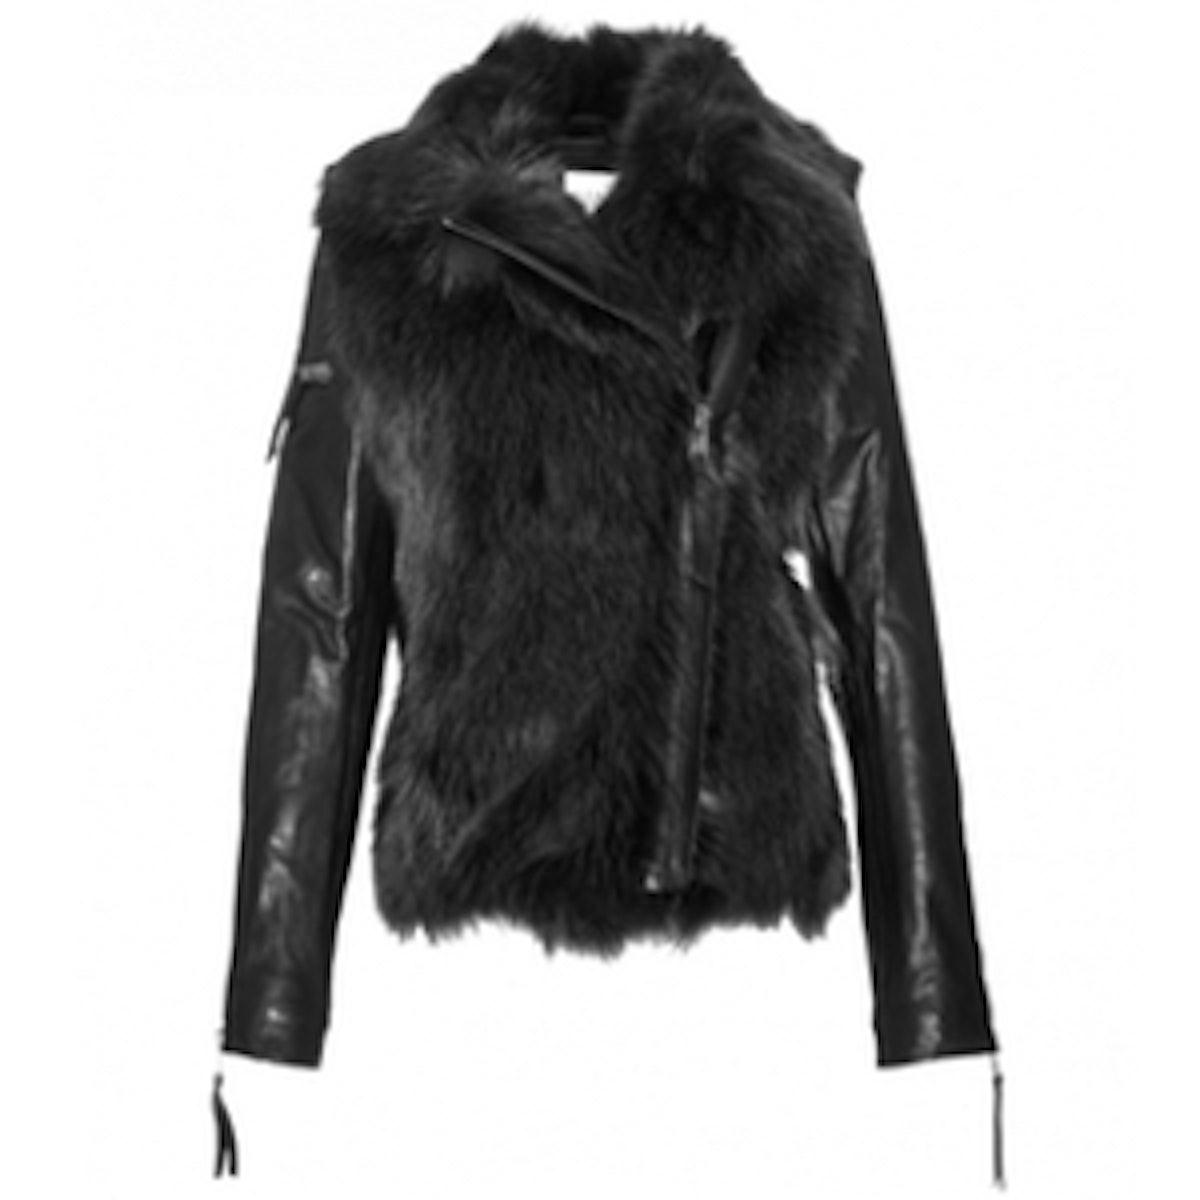 Asymmetrical Leather Sleeve Jacket